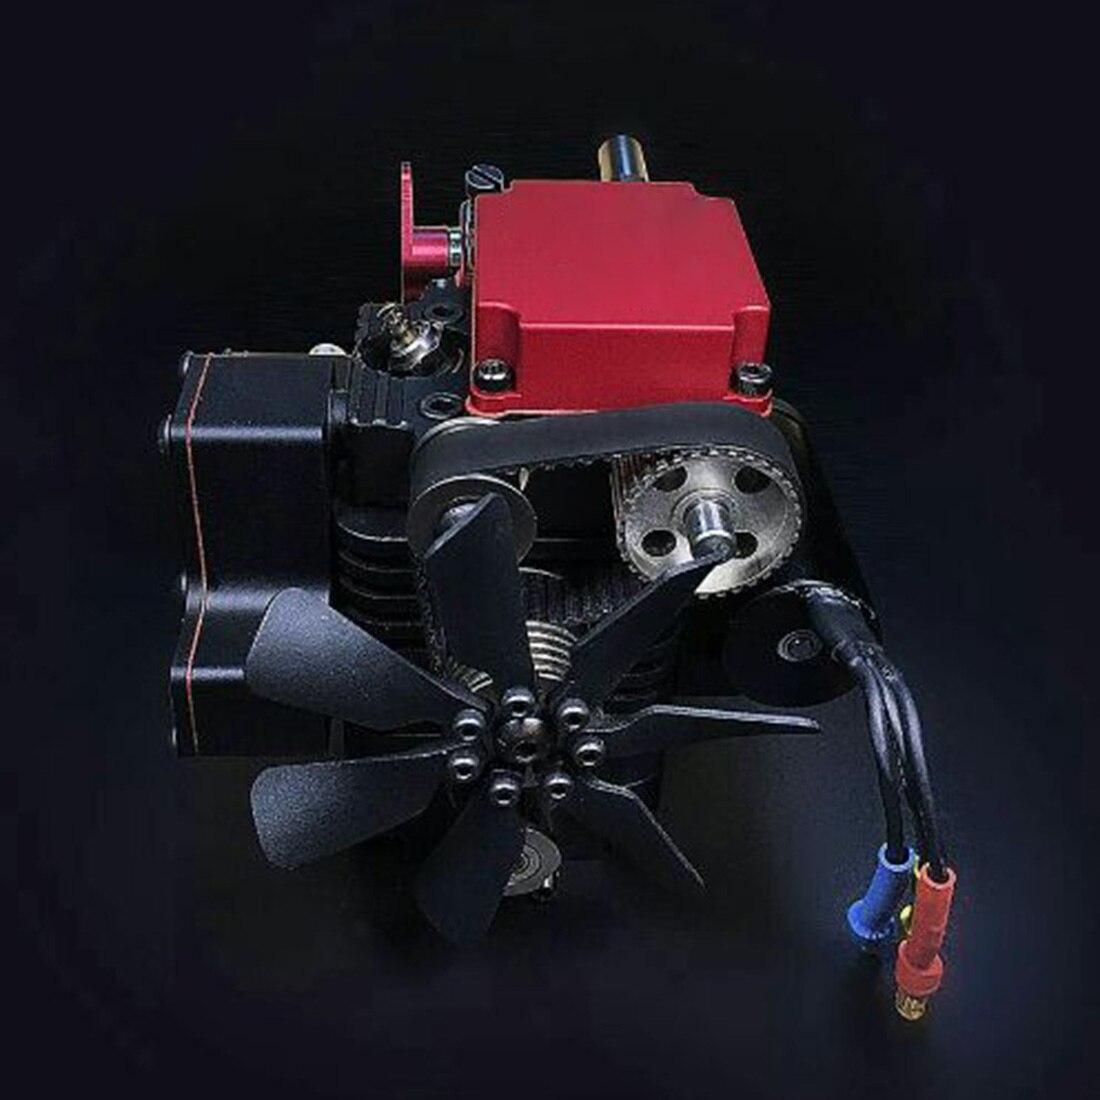 Quatre temps méthanol modèle moteur (sans démarrage moteur) vapeur éducation bricolage modèle jouet cadeau pour enfants artisanat ornement FS S100-in Kits de construction from Jeux et loisirs    1